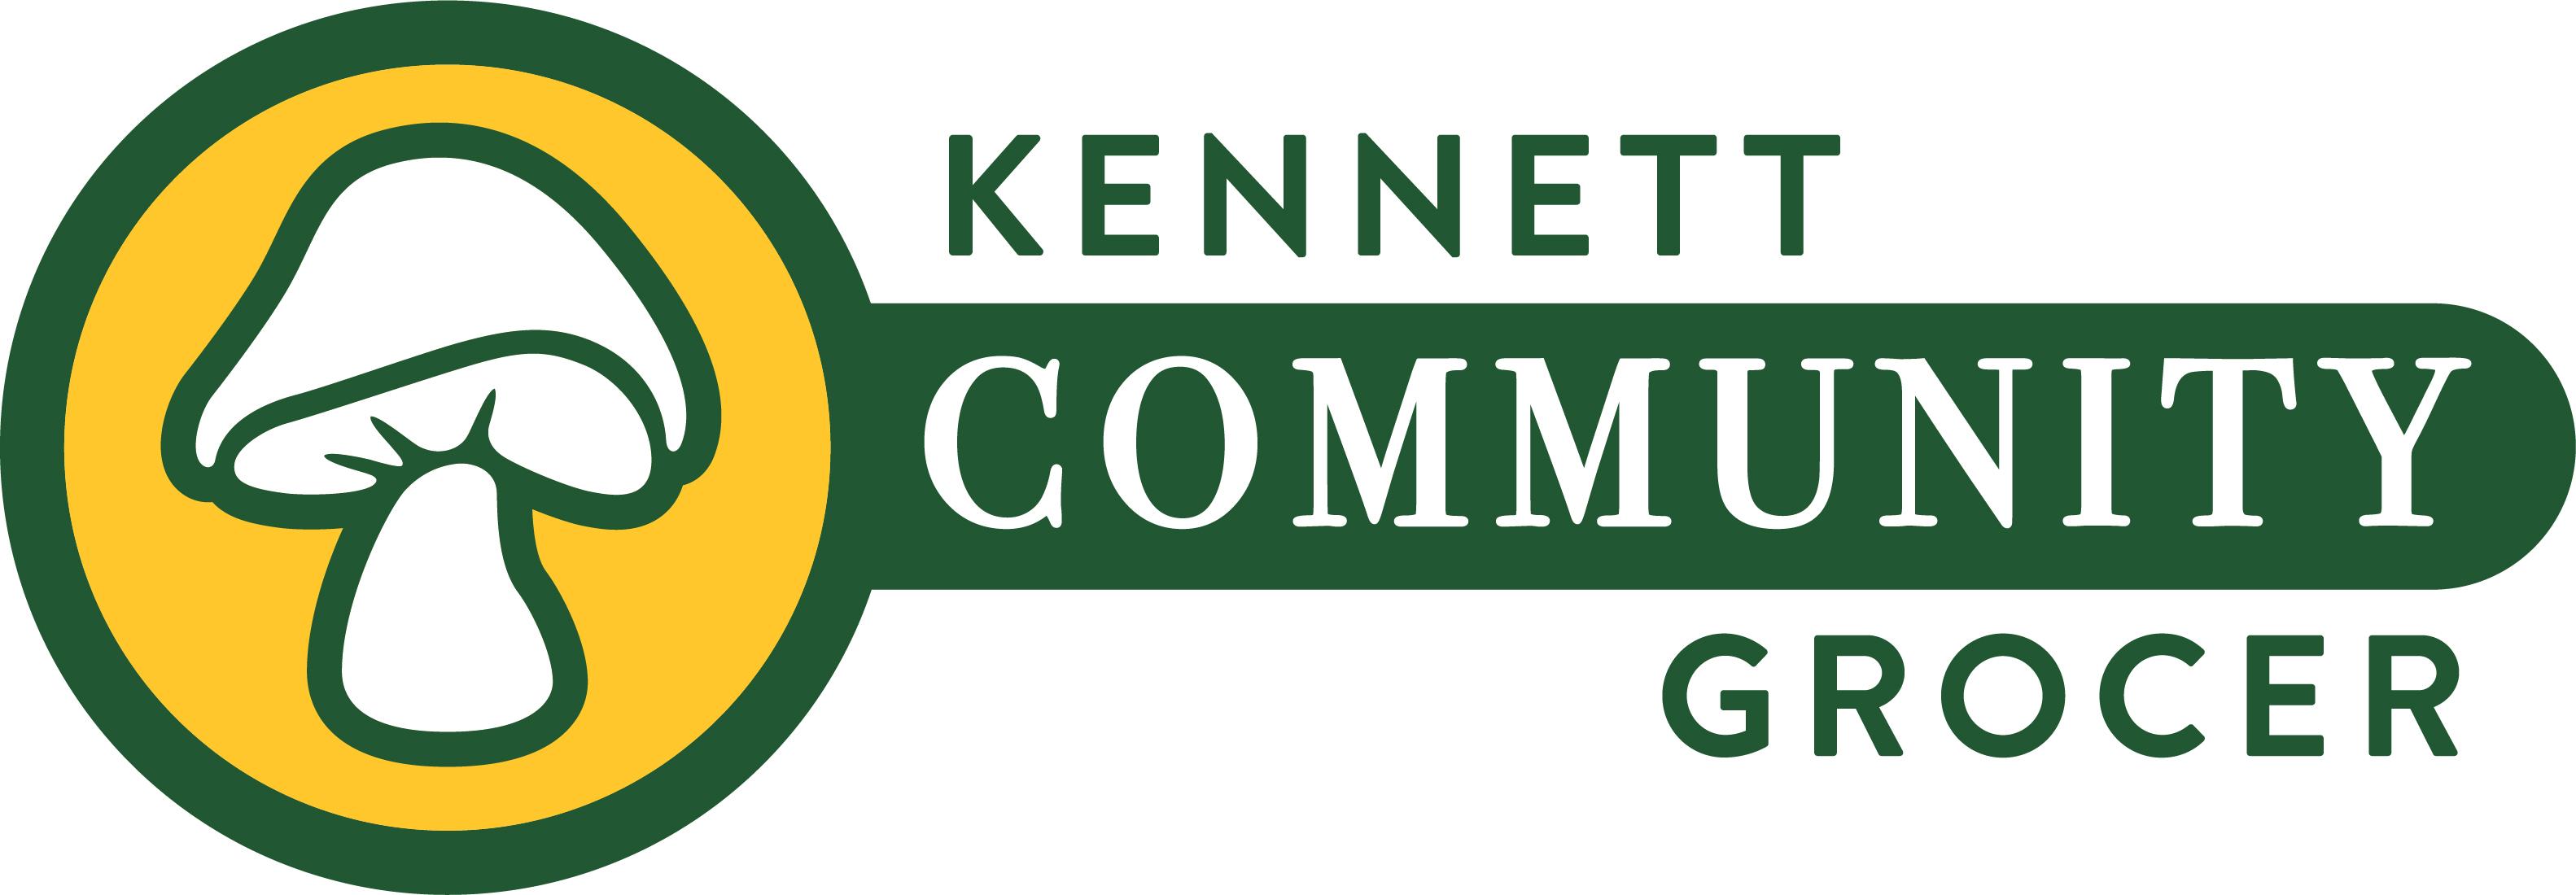 Kennett Community Grocer